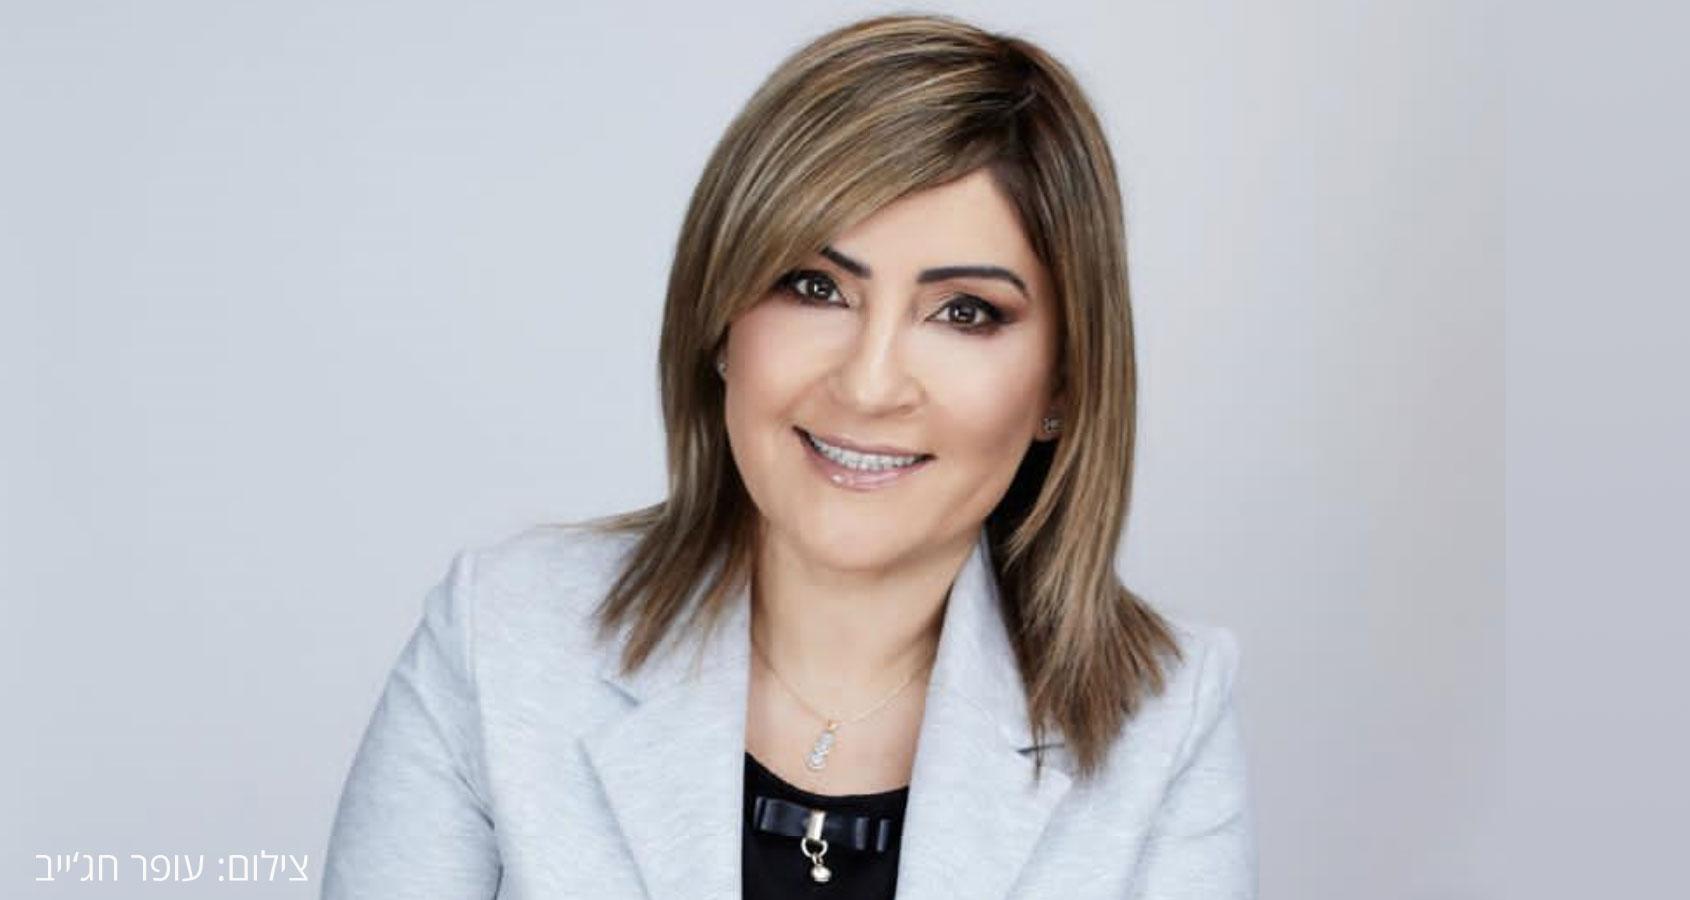 אנג'לה עירוני, ראש מרחב שרון בשירותי בריאות מכבי